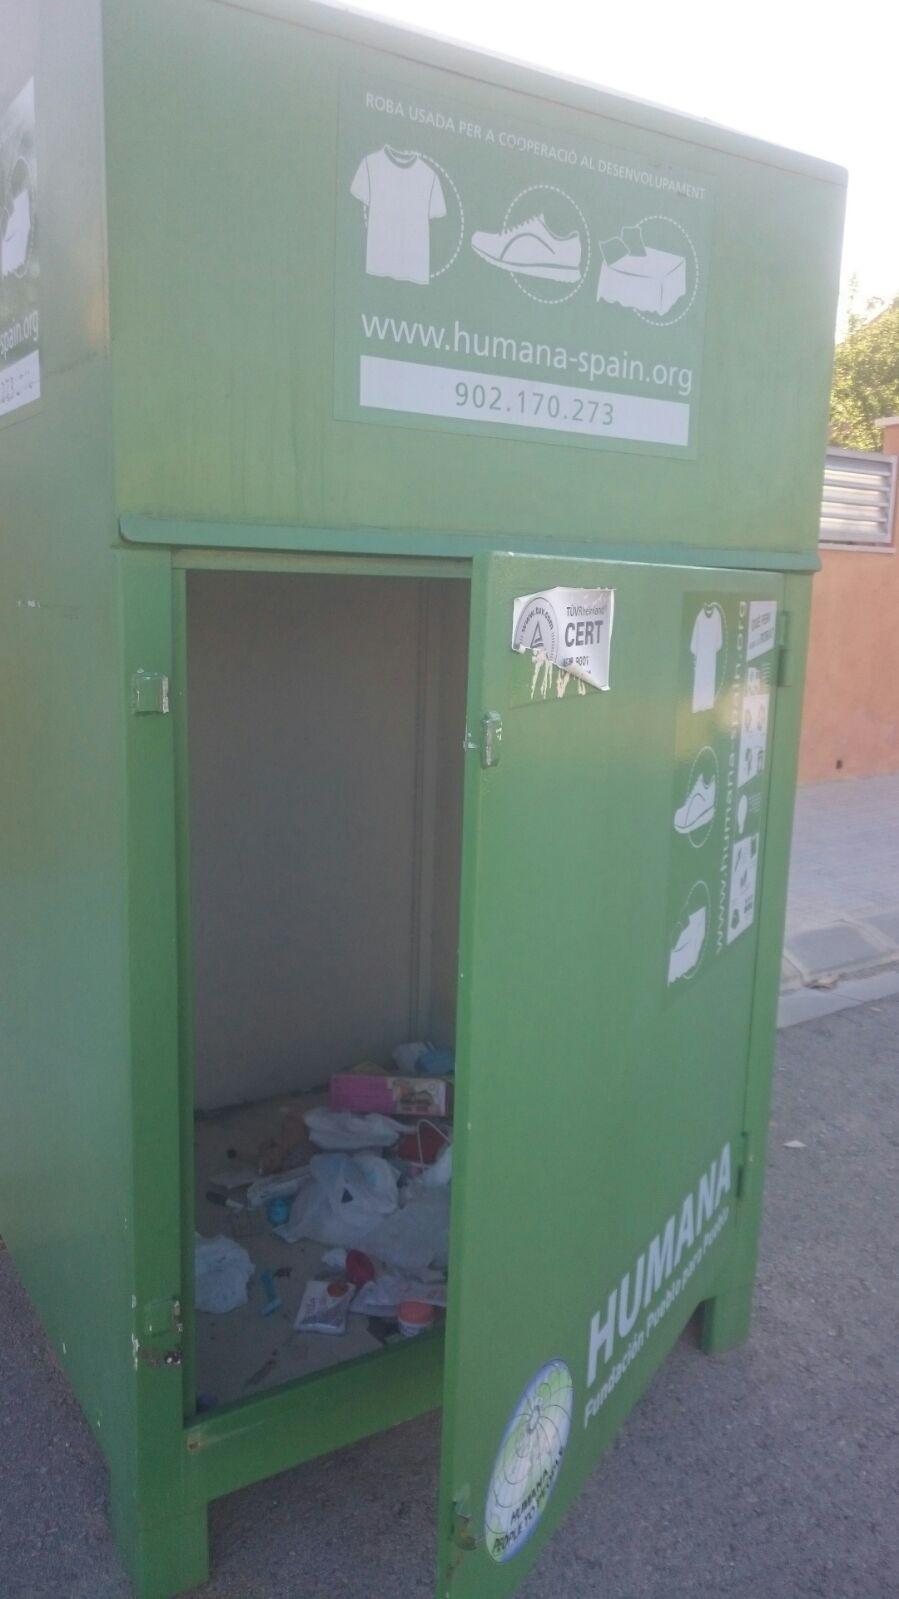 Informació sobre els contenidors de roba usada de l'ONG Humana